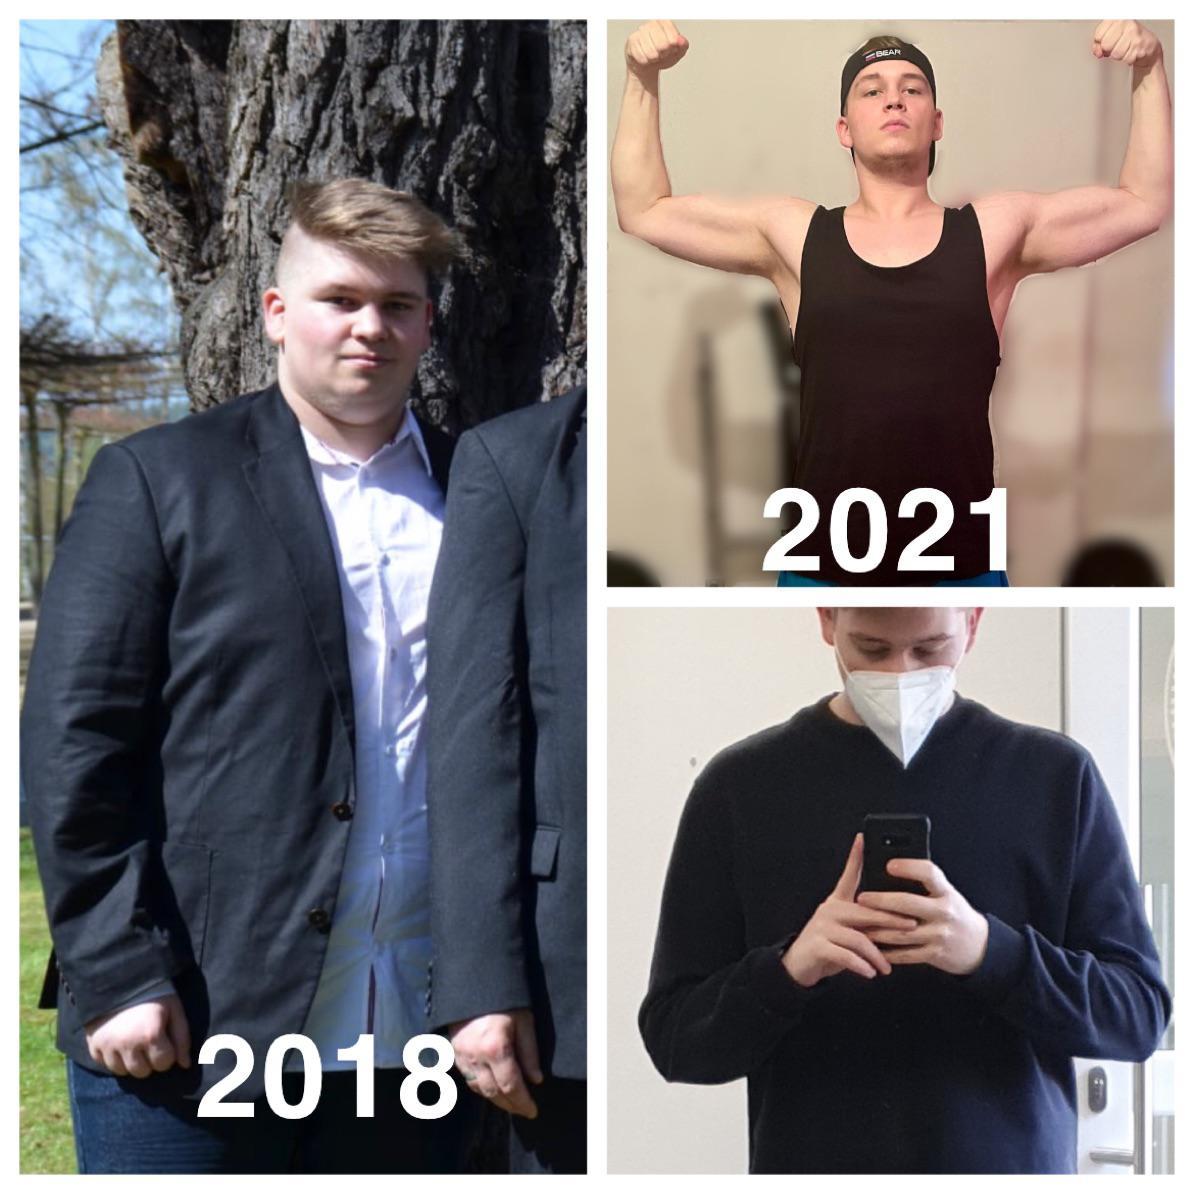 5 foot 7 Male Progress Pics of 119 lbs Fat Loss 308 lbs to 189 lbs